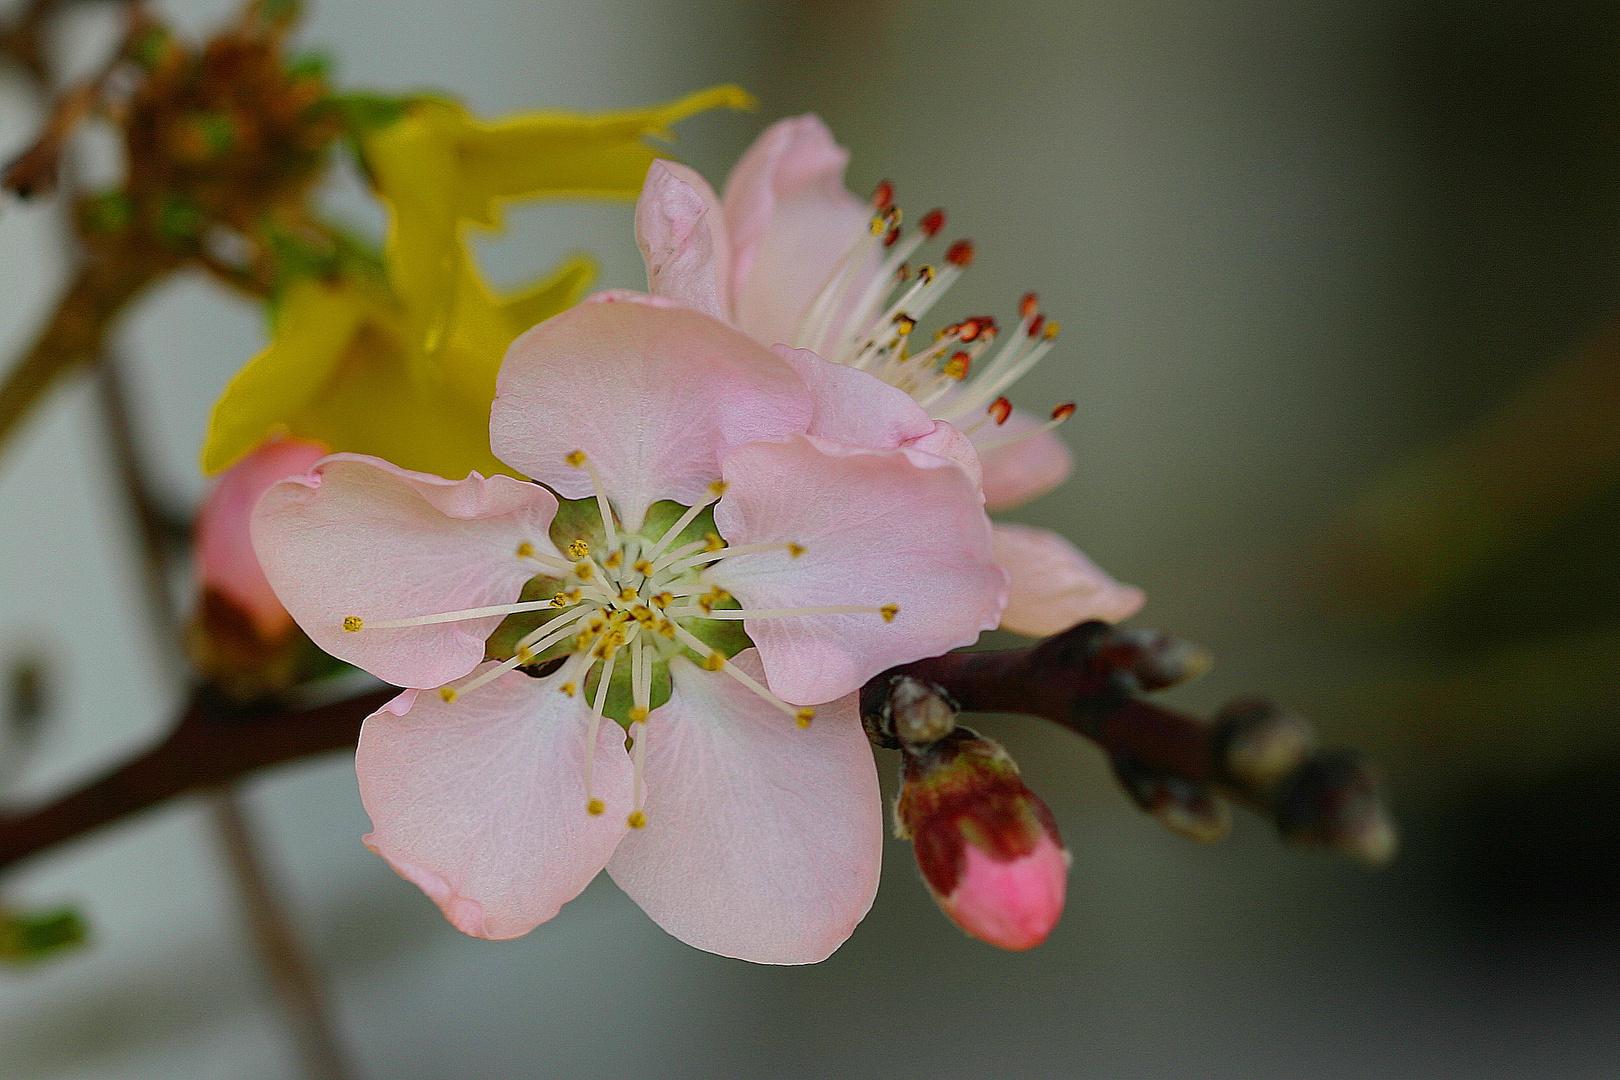 Blüte und Knospe vom Pfirsichbaum